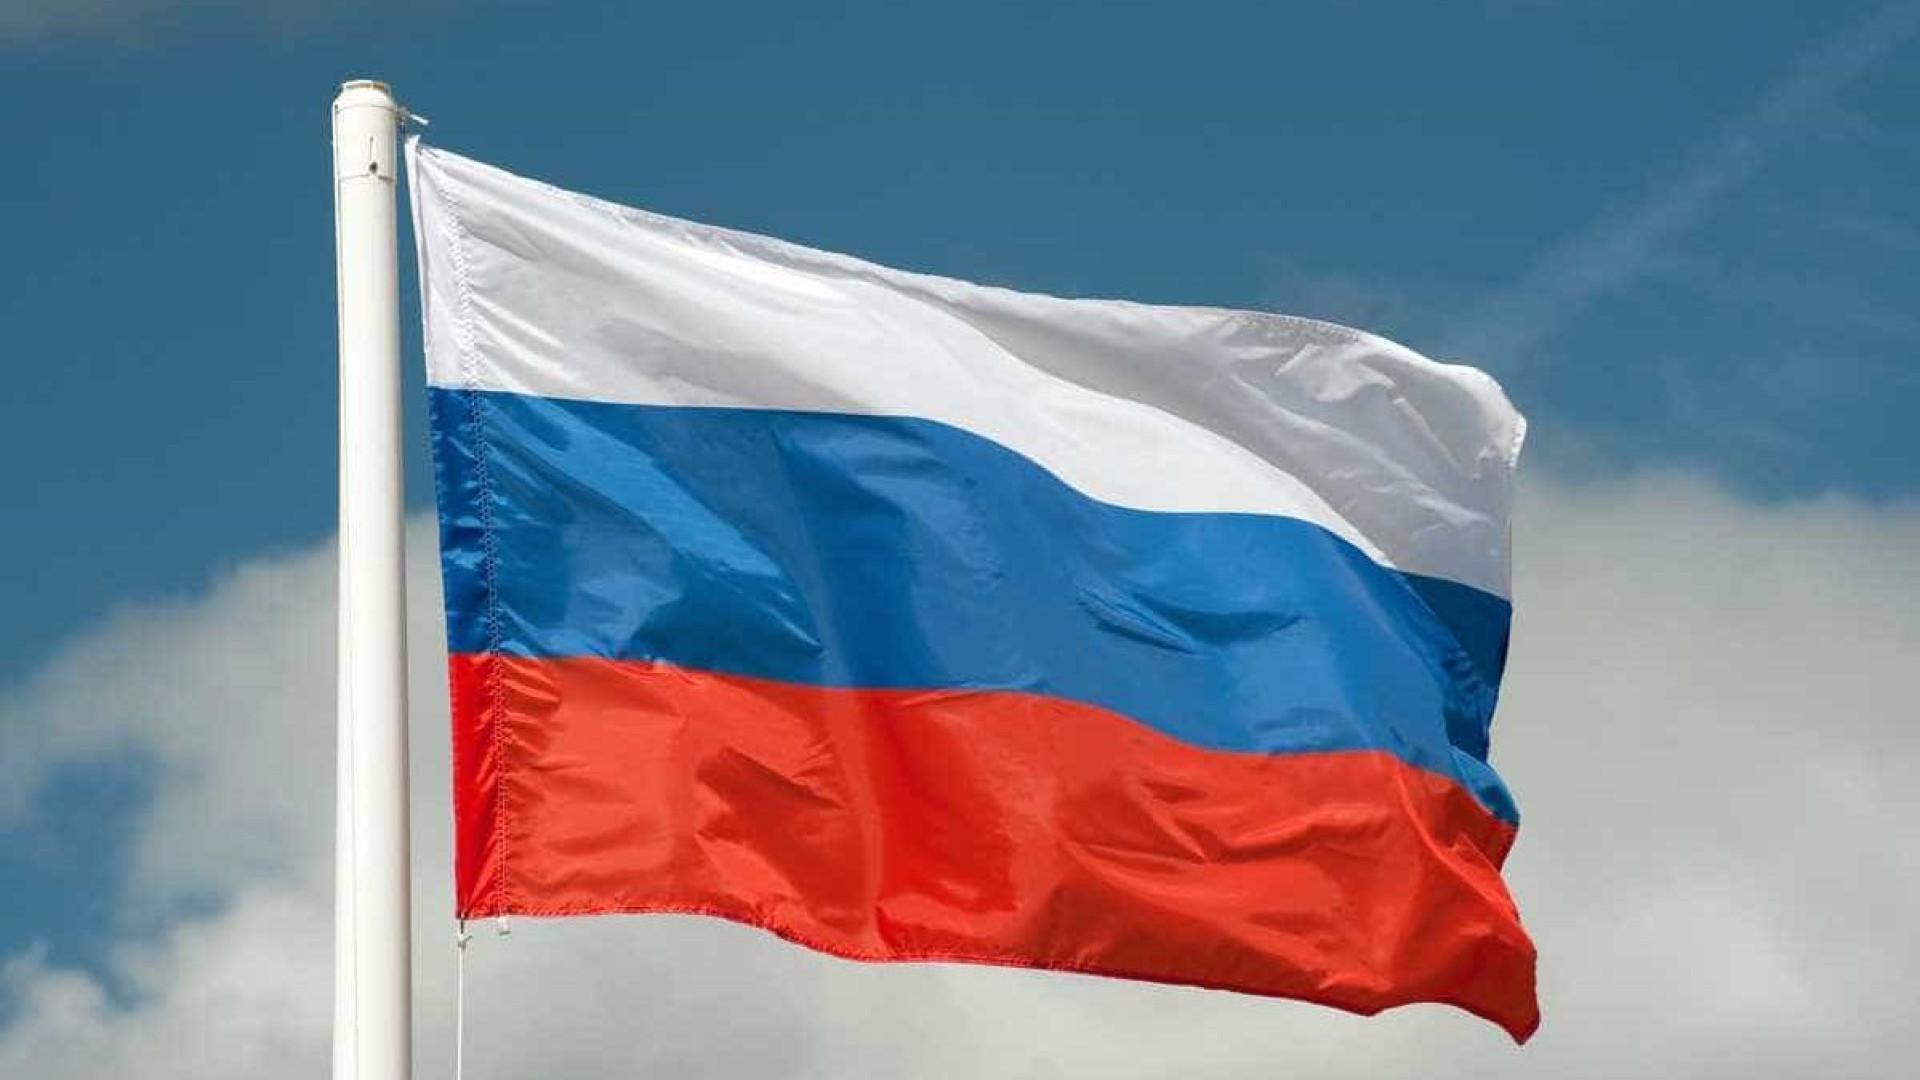 Rússia critica retirada de bandeiras de missões encerradas nos EUA